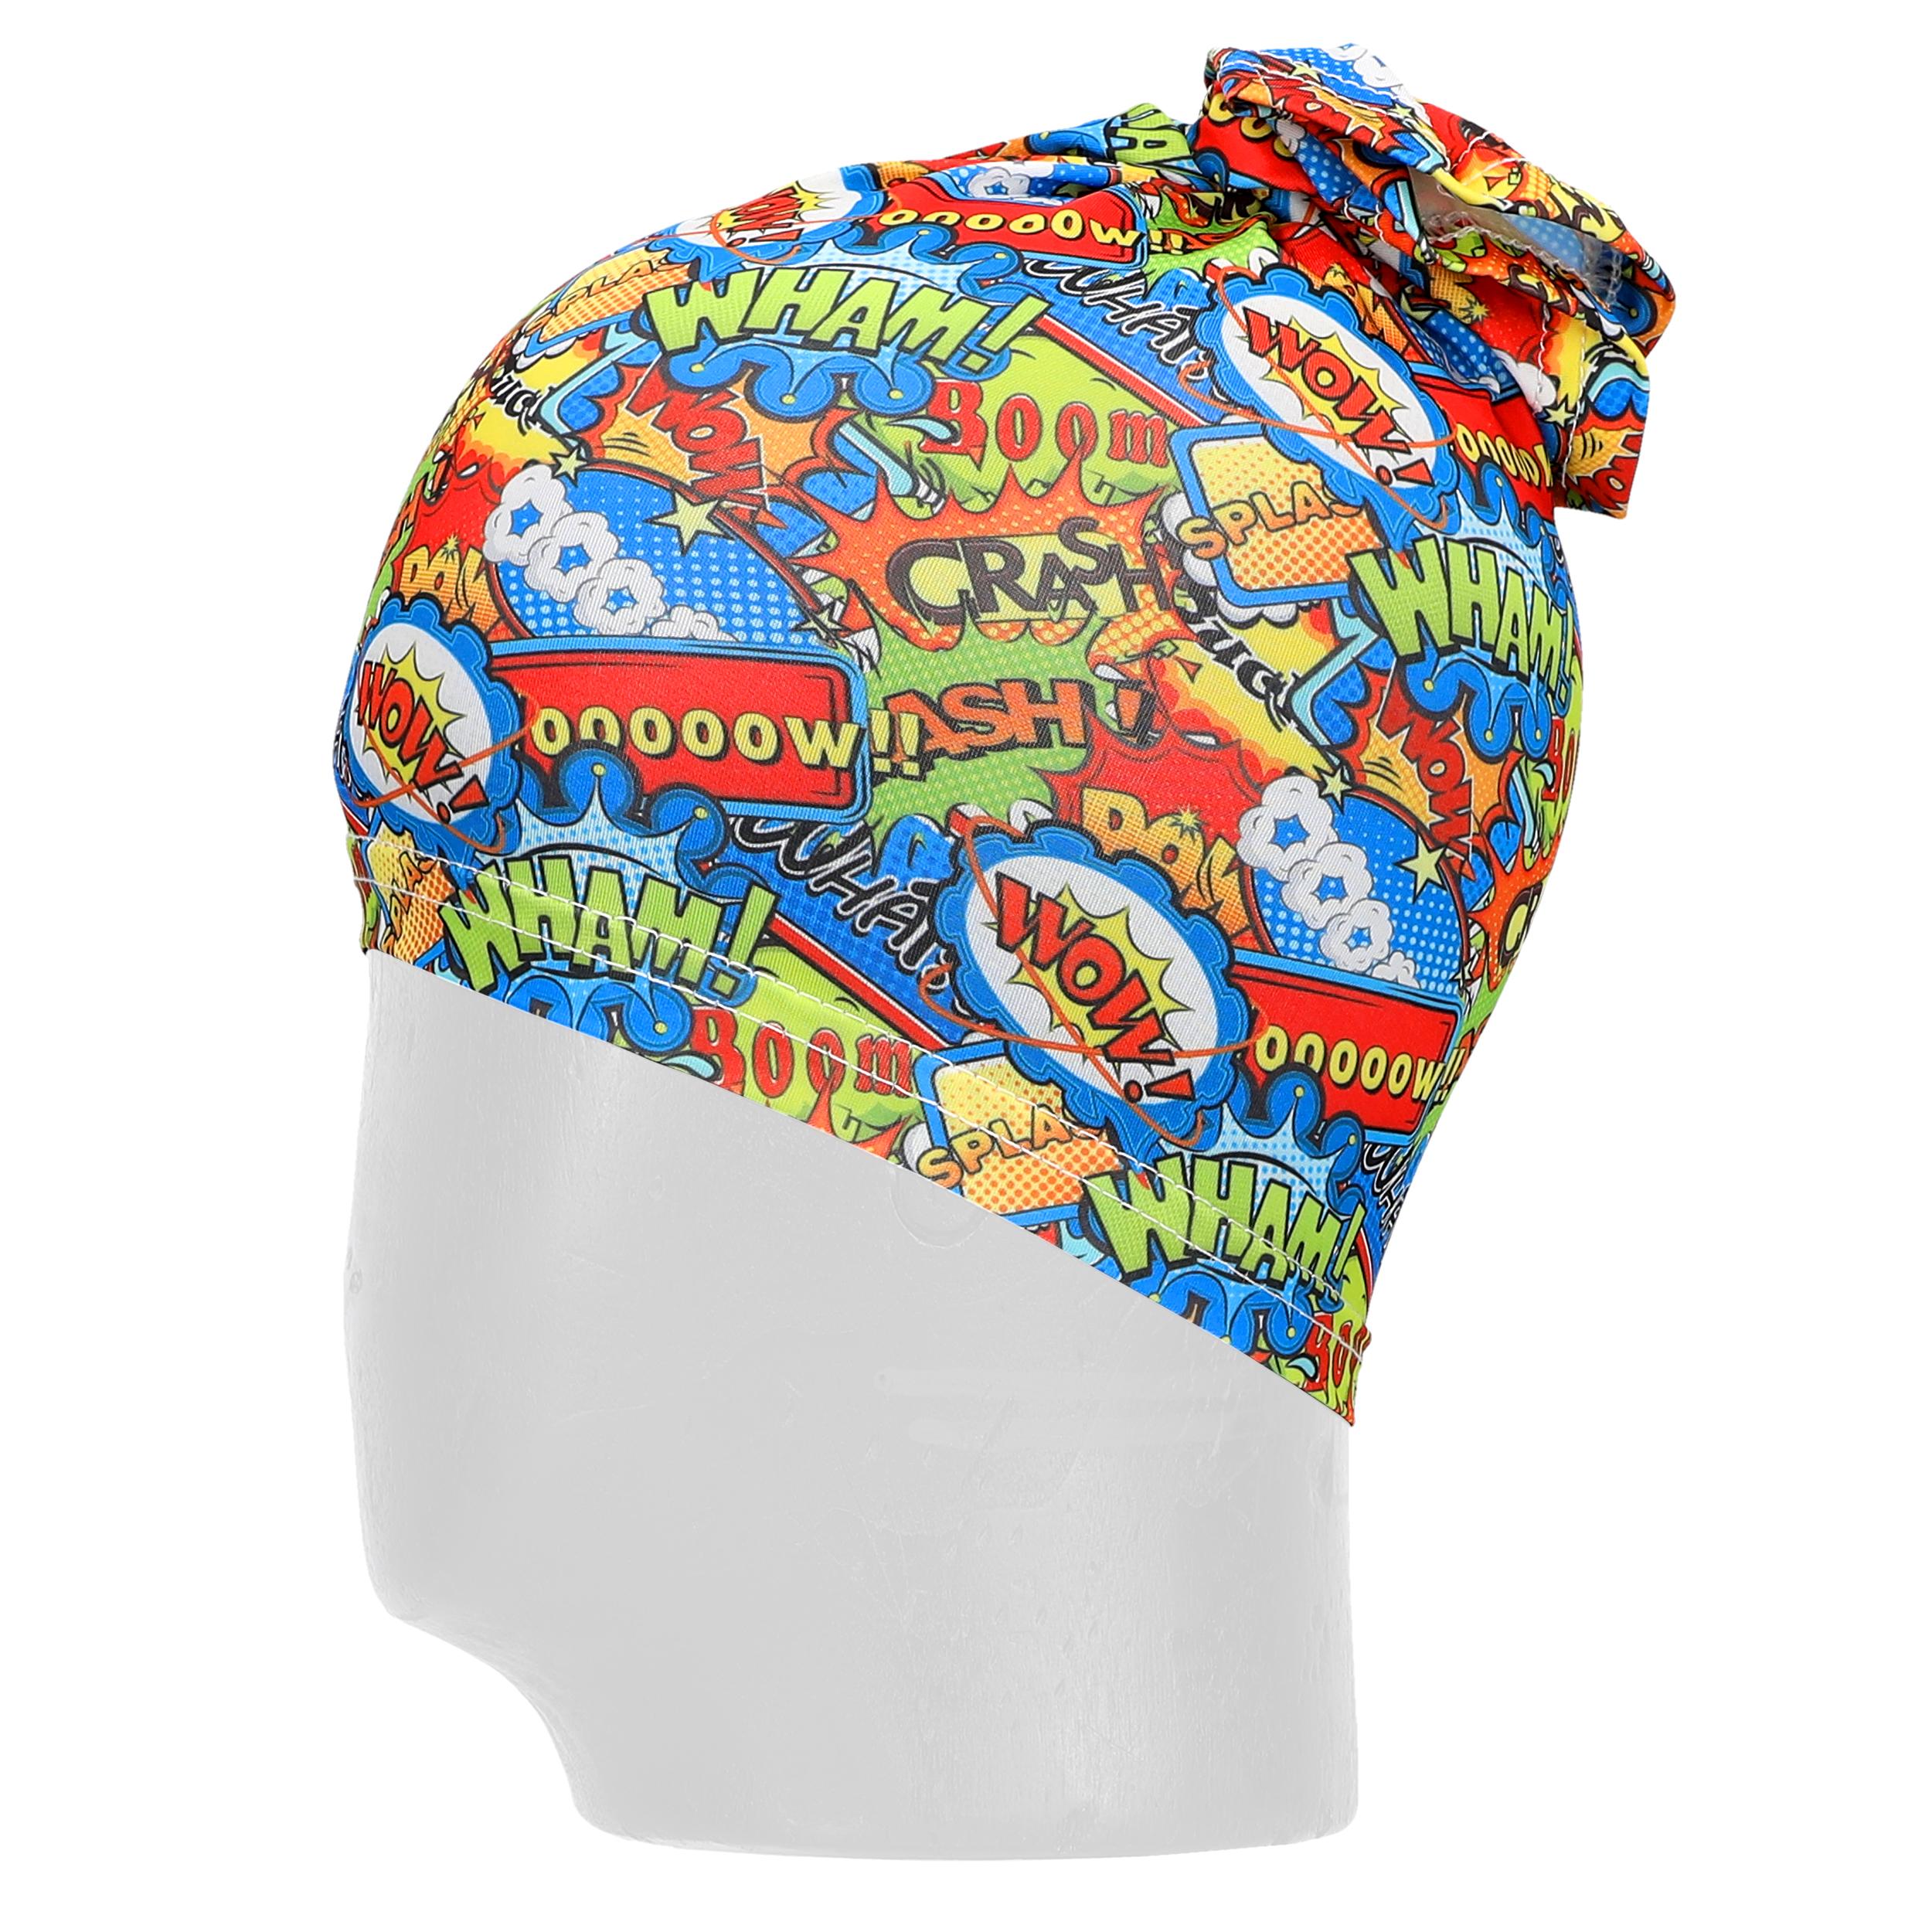 Indexbild 73 - Kinder Schlauchschal Maske Gesichtsmaske Mund Nase Bedeckung Halstuch waschbar